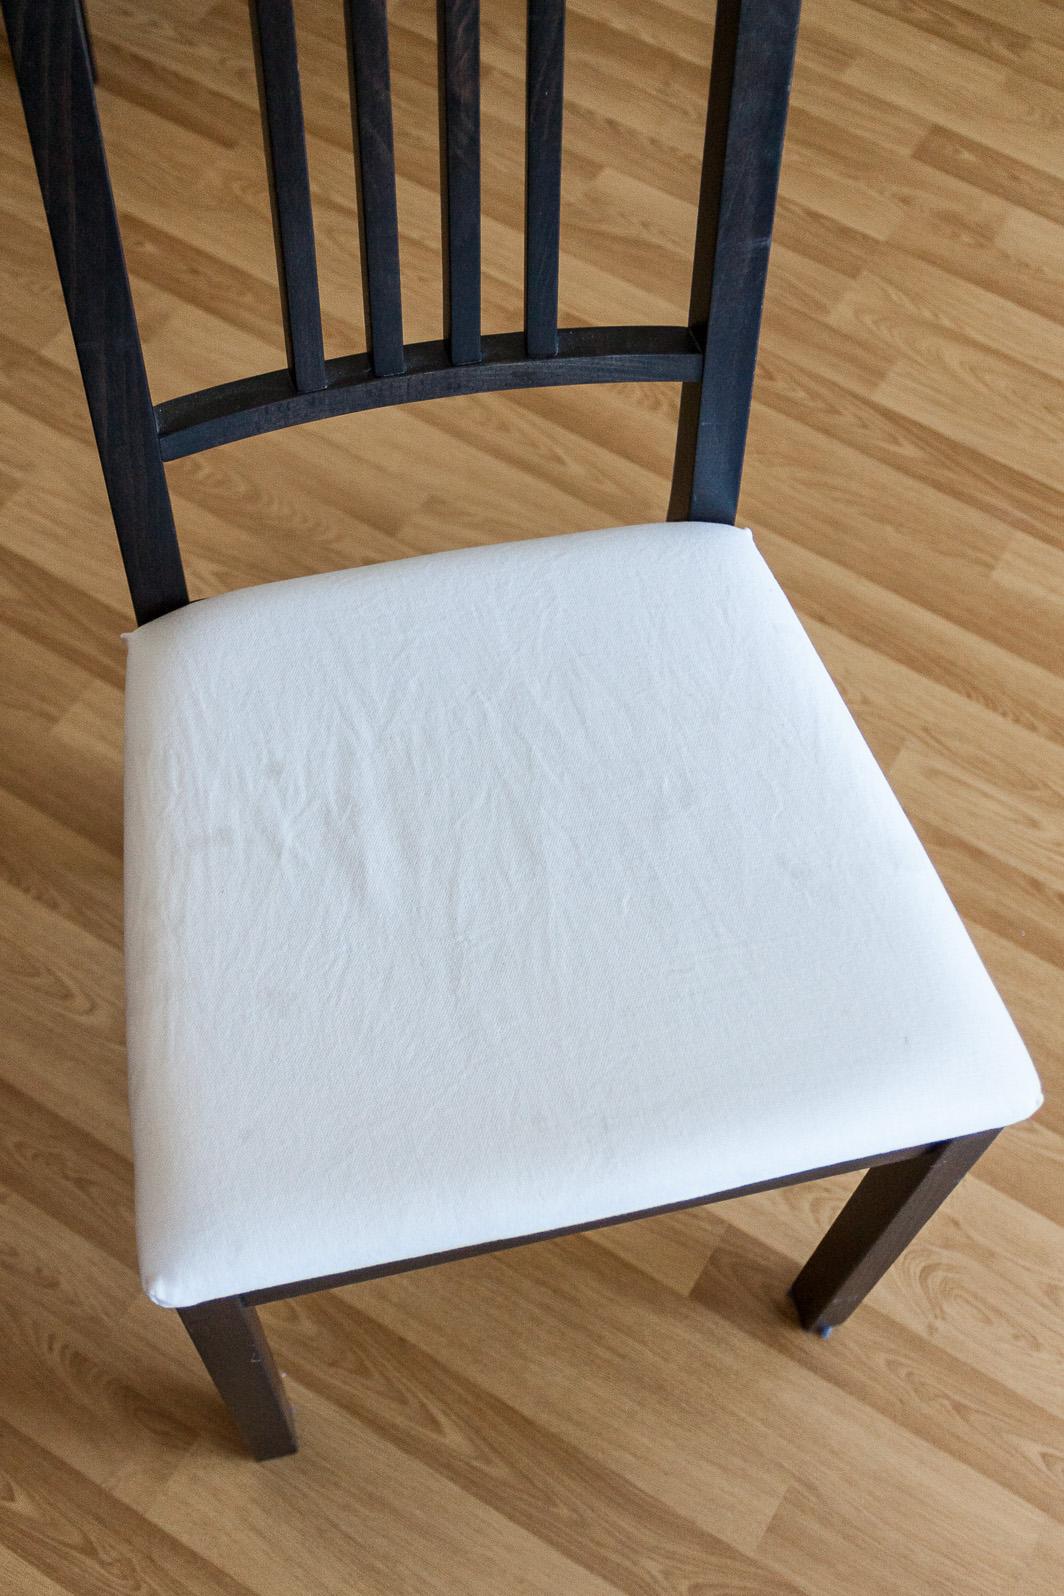 agencer et mijoter id e d co r housser des chaises avec de beaux torchons. Black Bedroom Furniture Sets. Home Design Ideas